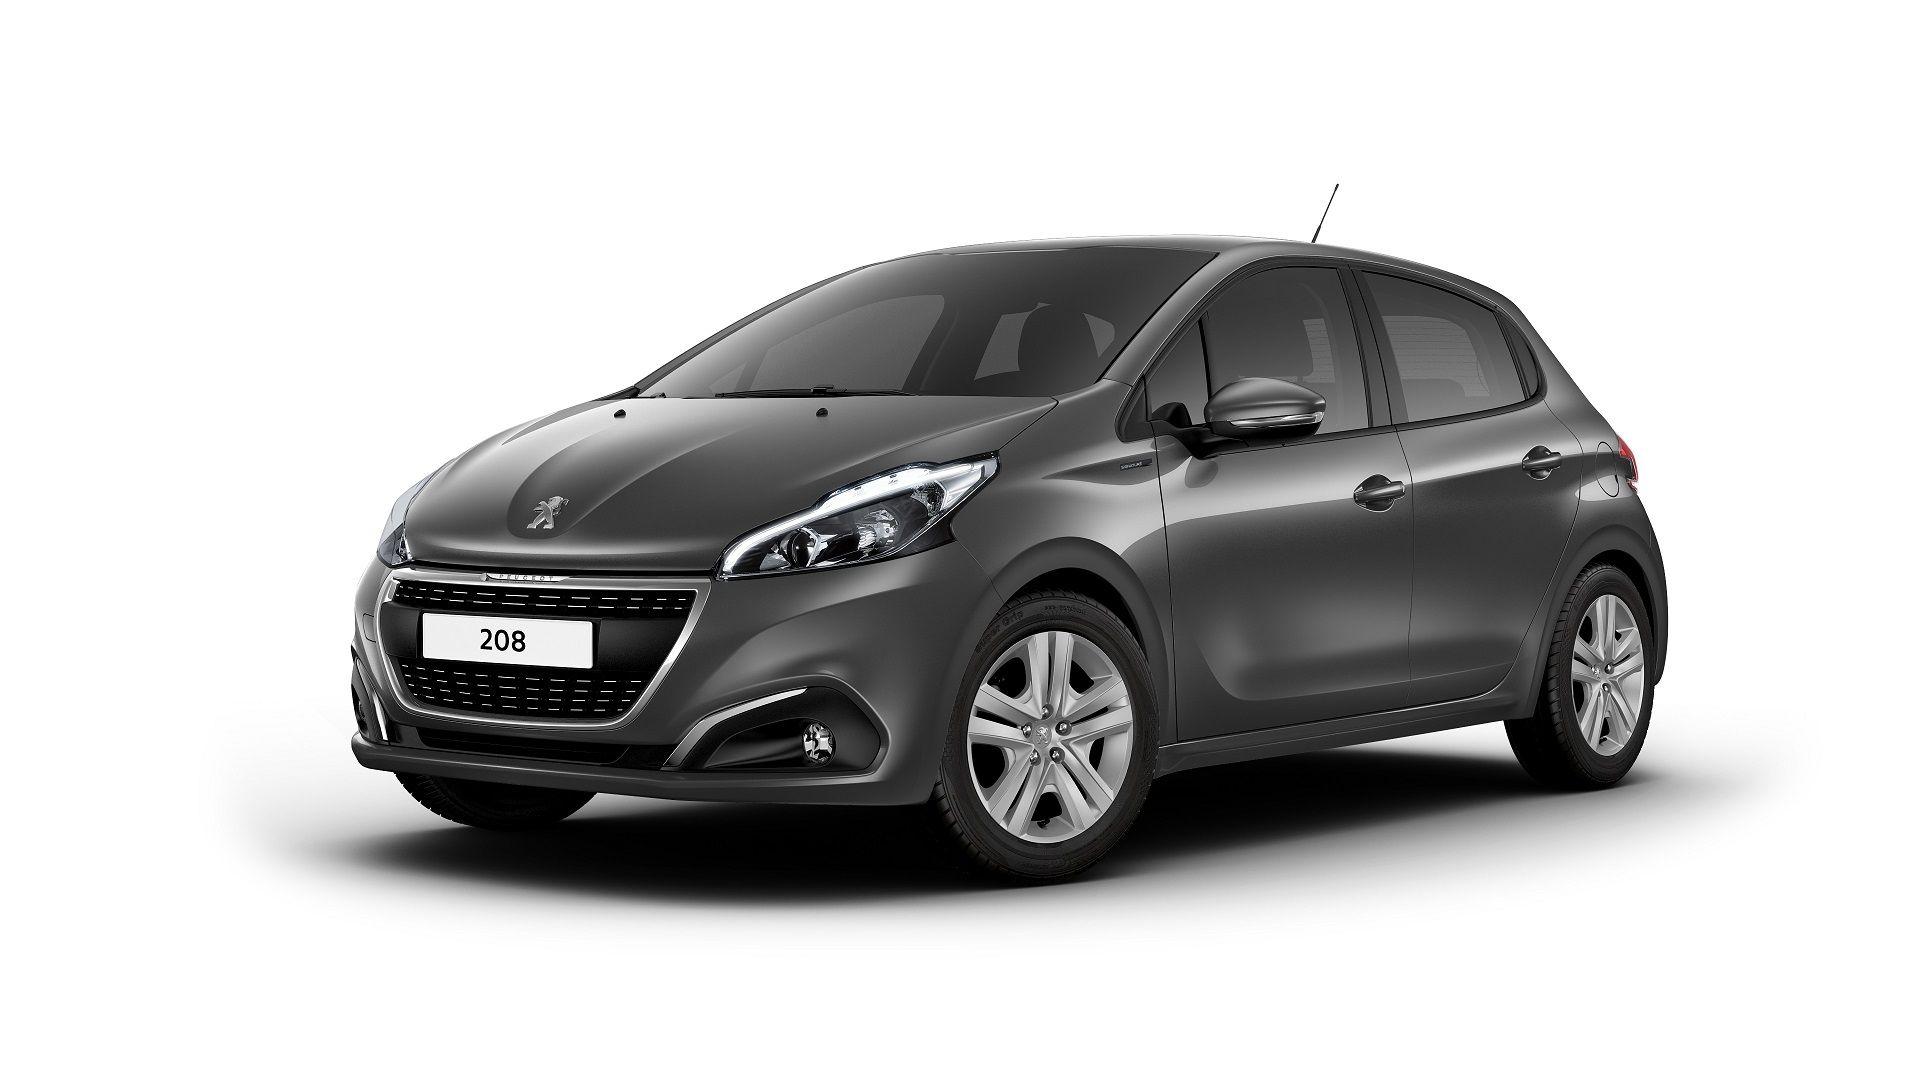 El Peugeot 208 renueva el corazón de su gama con la serie especial Signature